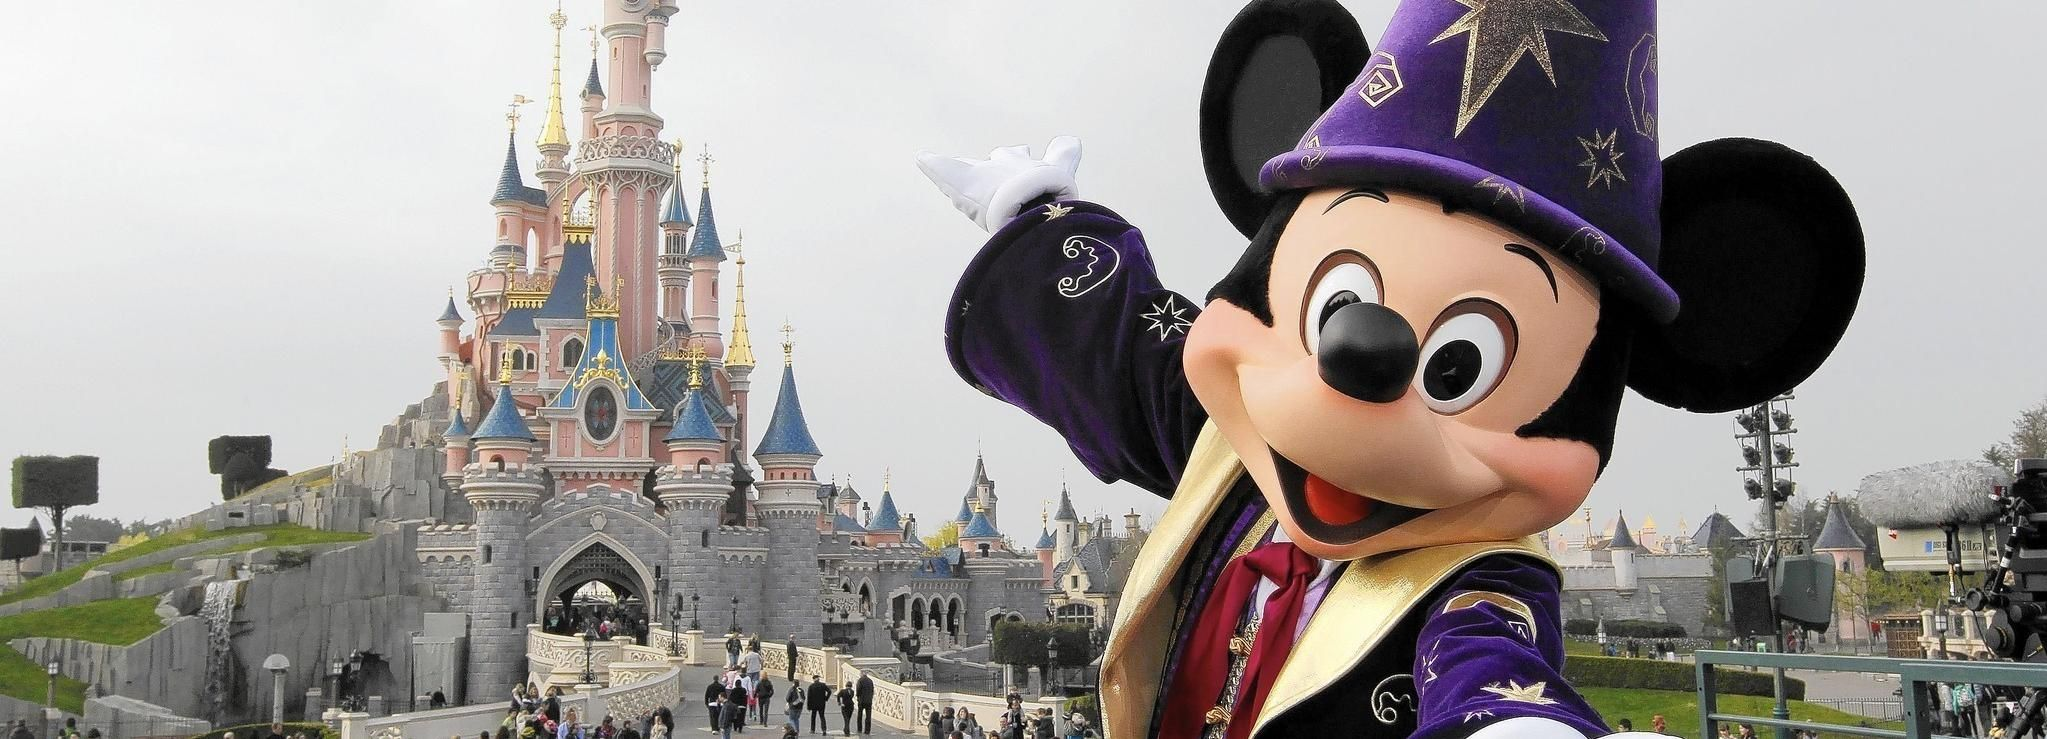 Paris: transfert simple entre Disneyland et l'aéroport CDG